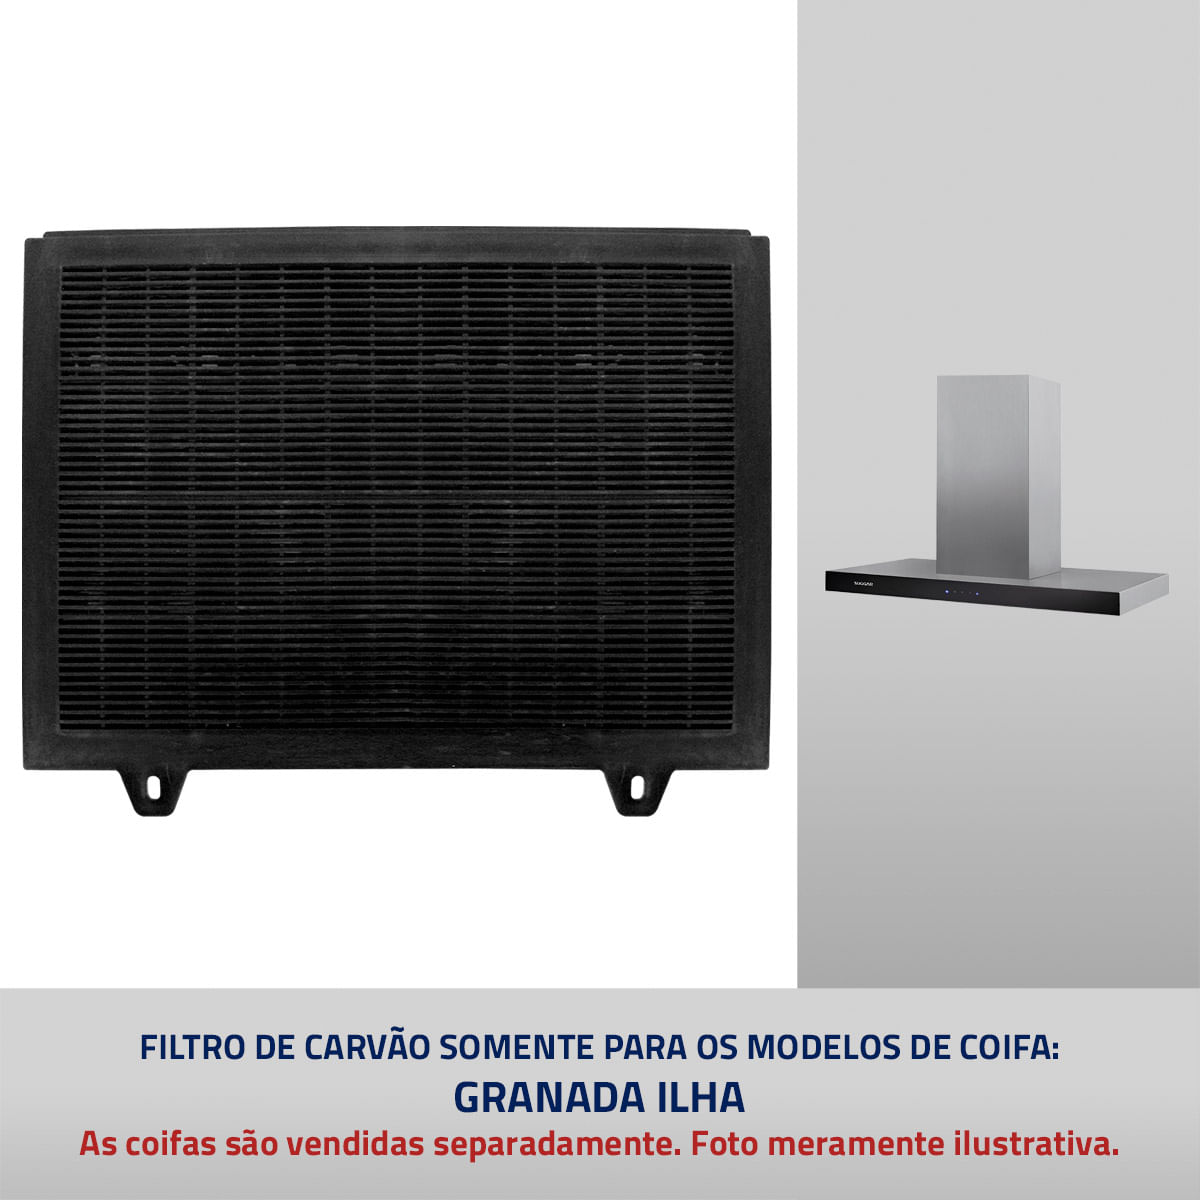 Filtro de Carvão para Coifa Suggar modelo Granada Ilha 4806529